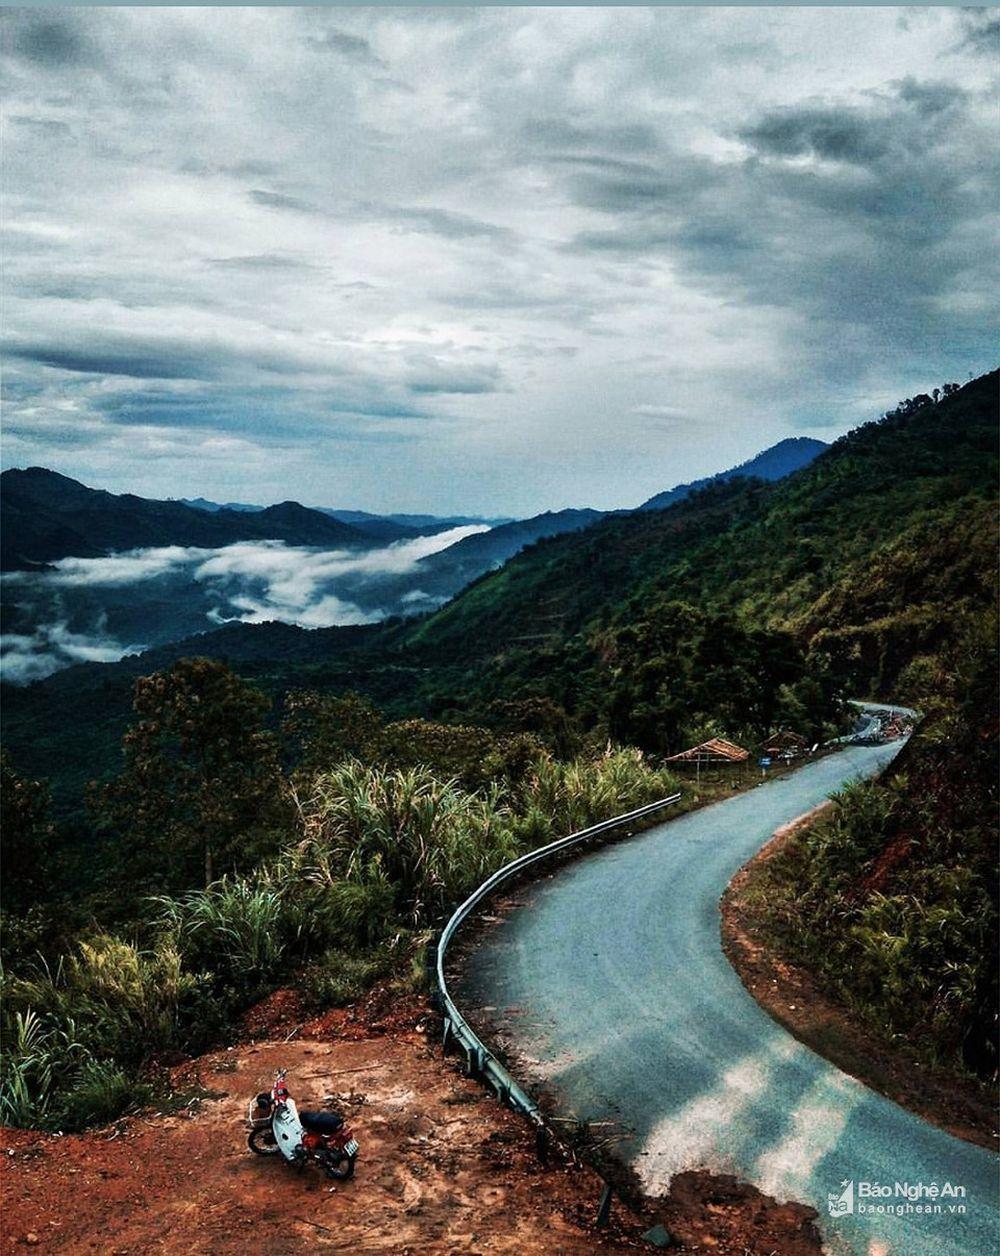 Những hình ảnh của Thương chụp phong cảnh Tương Dương, Kỳ Sơn trên đường về nhà nhận được nhiều lượt thích và bình luận khen ngợi trên mạng xã hội.